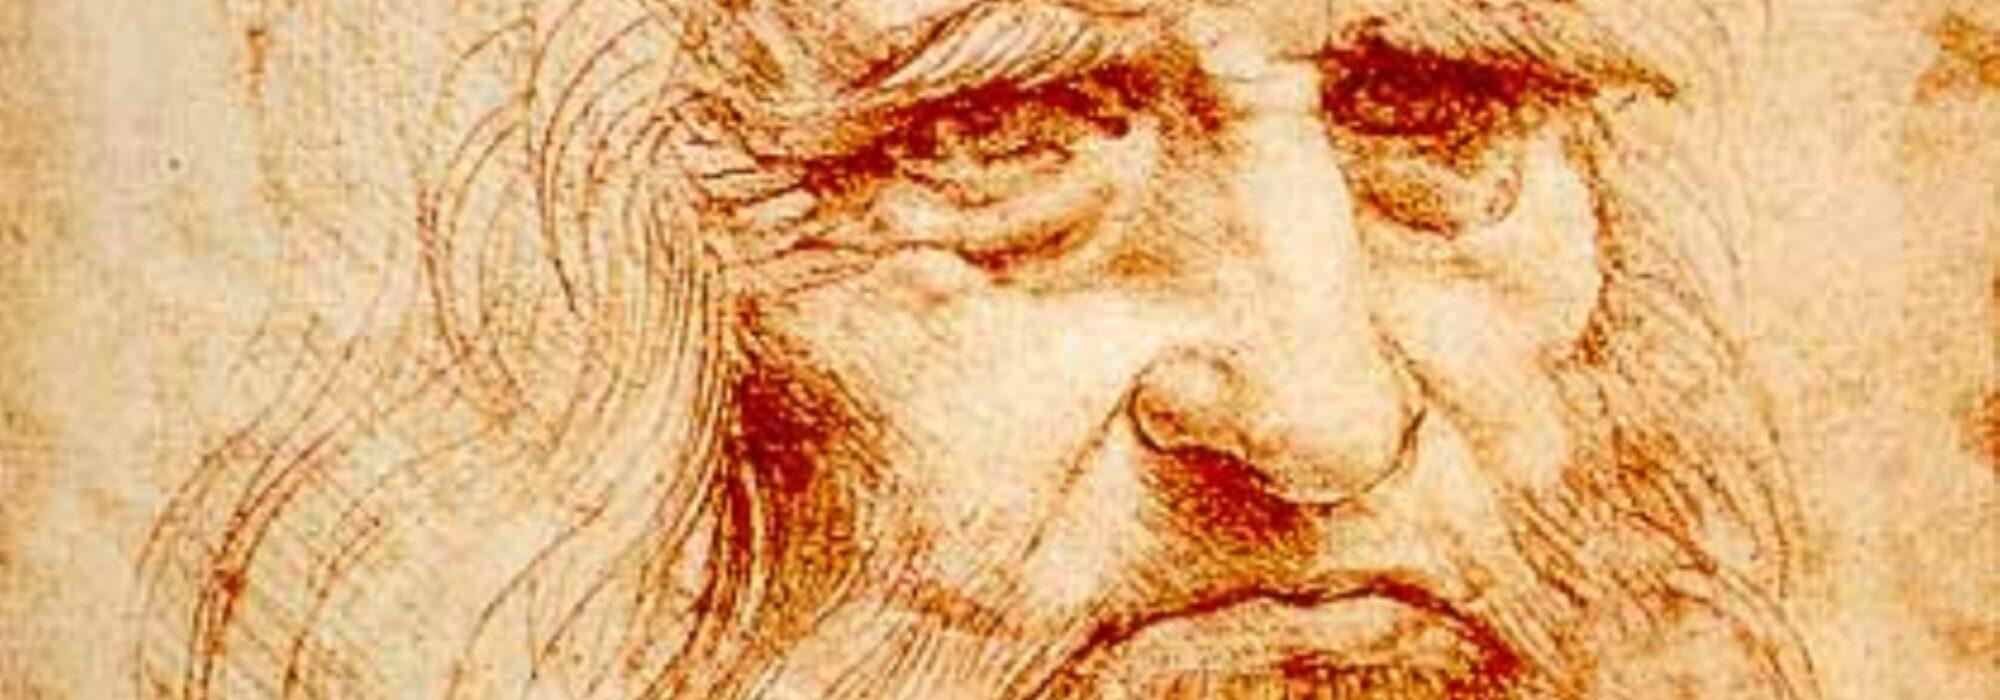 Imagem: Autorretrato de Da Vinci (Da Vinci, 1512/1515, detalhe)